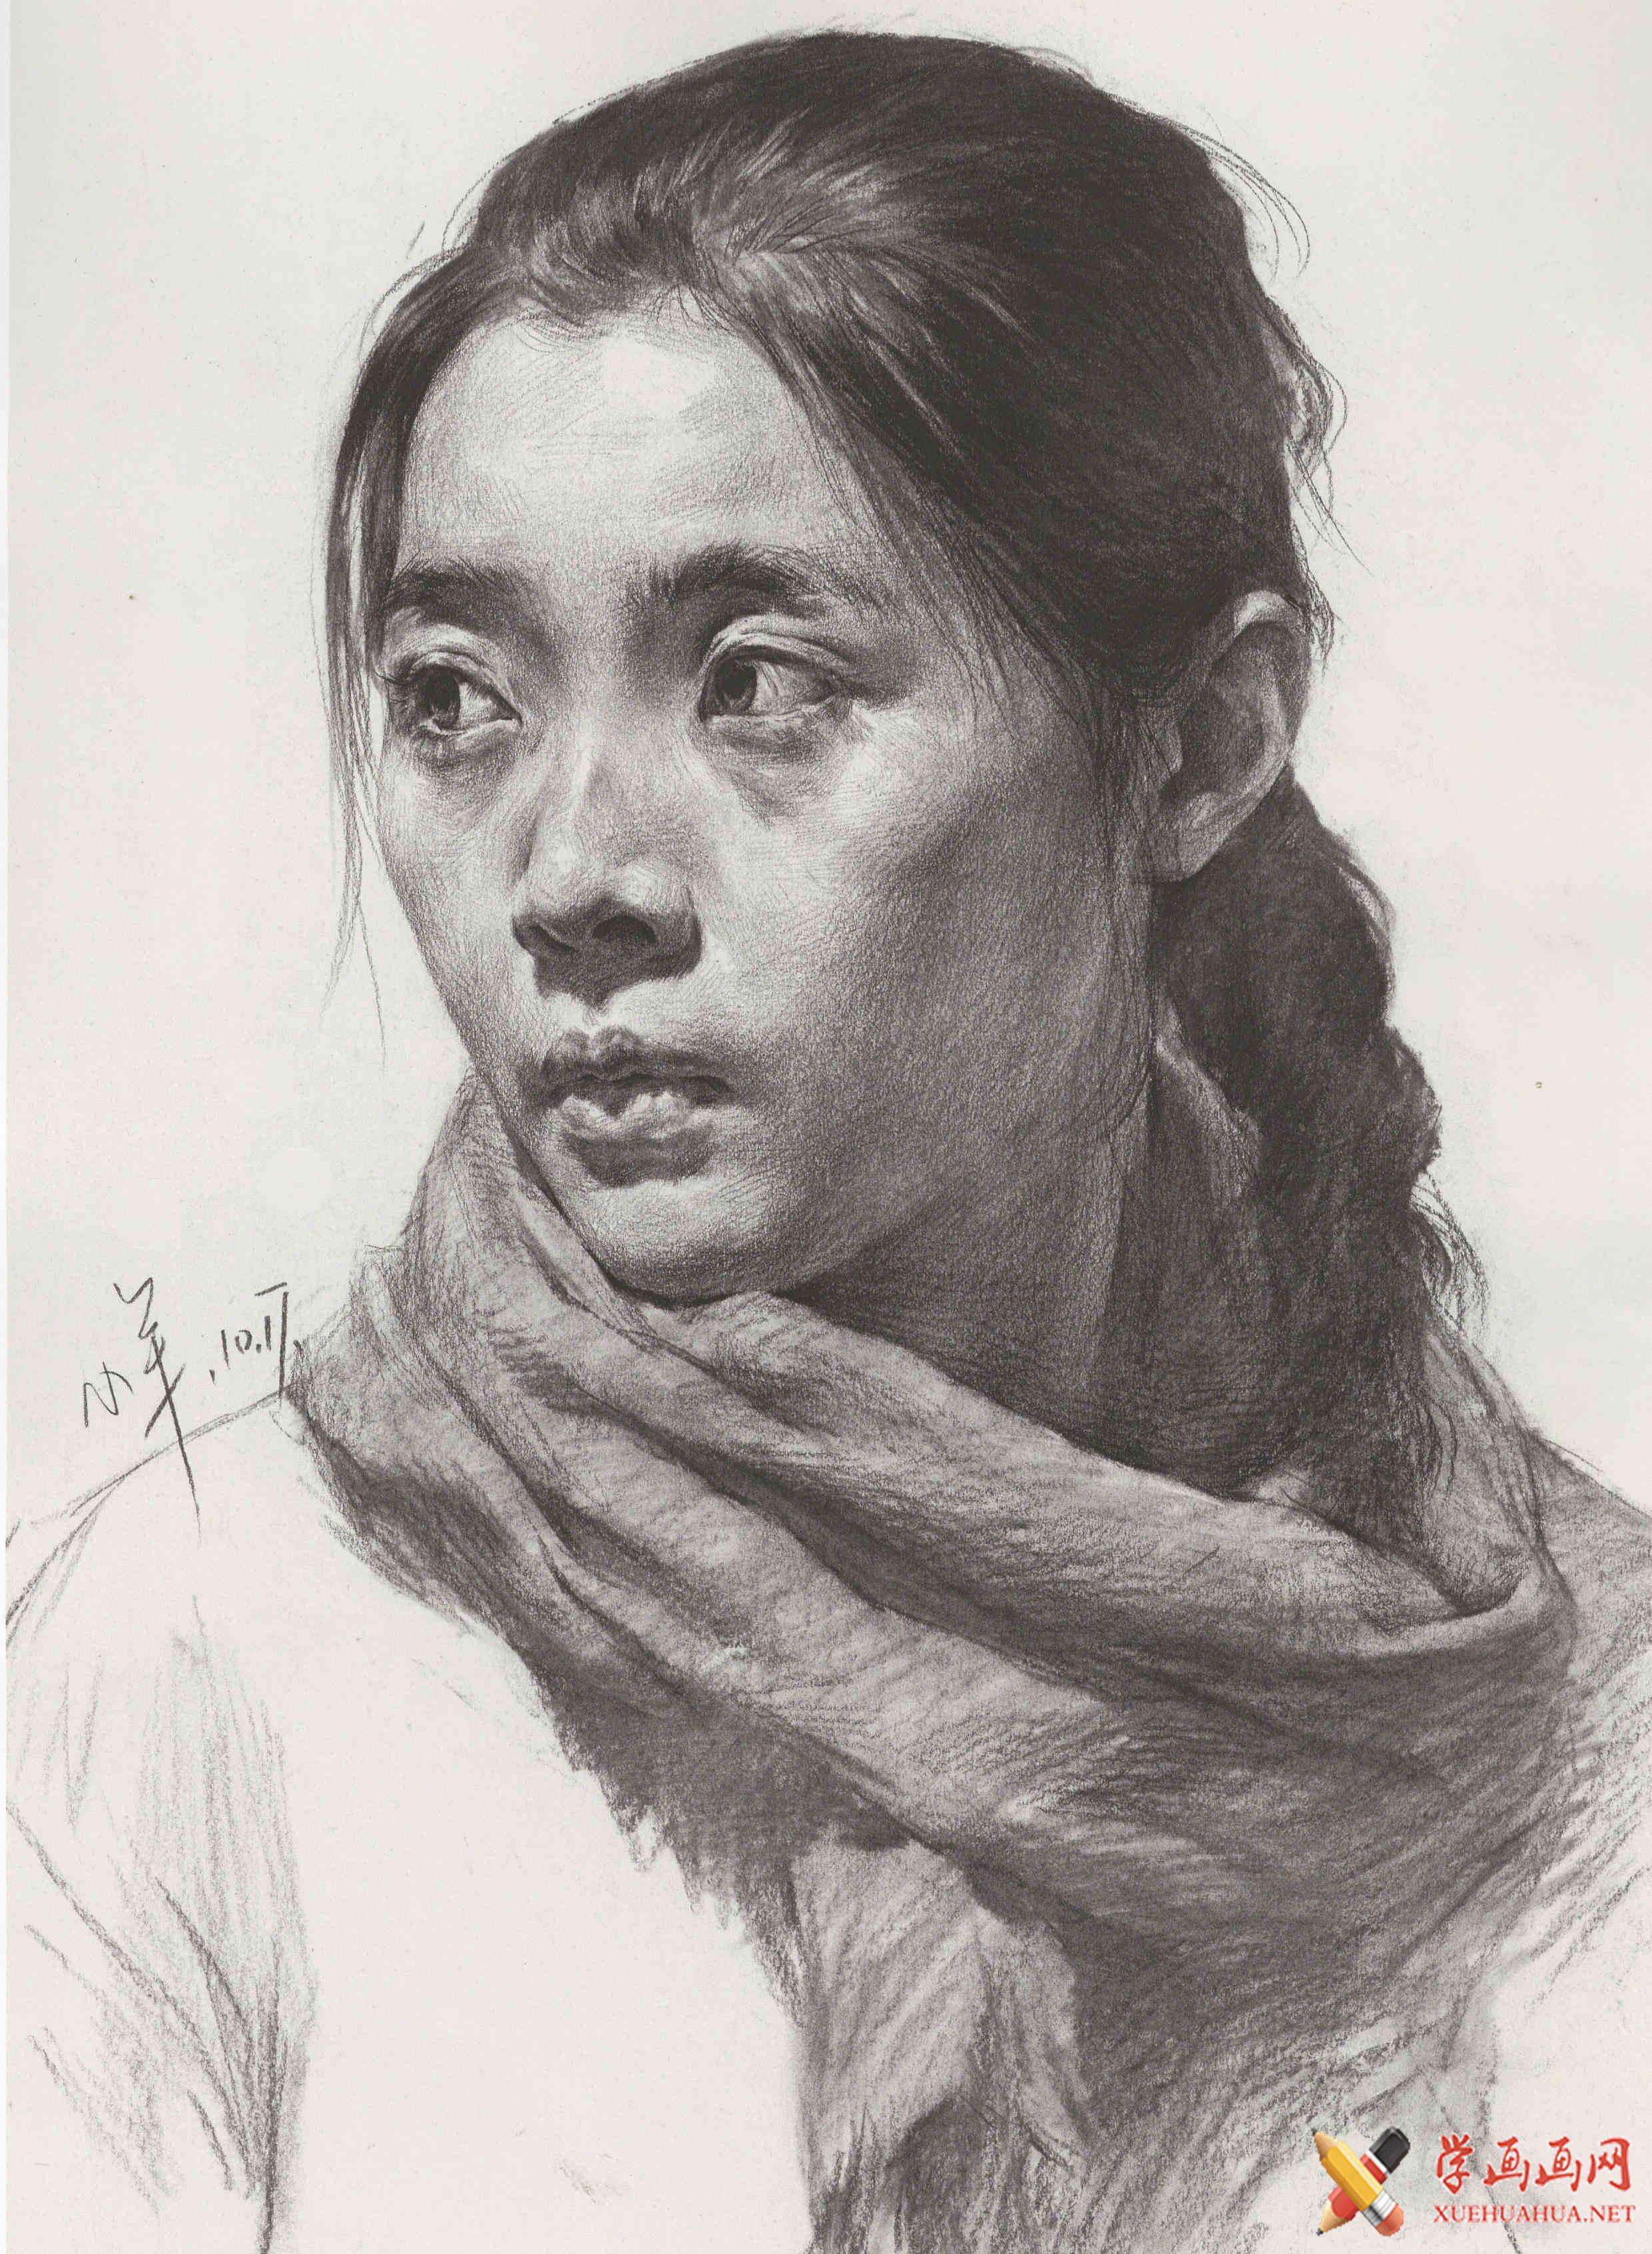 年轻女子素描头像高清图片(1)